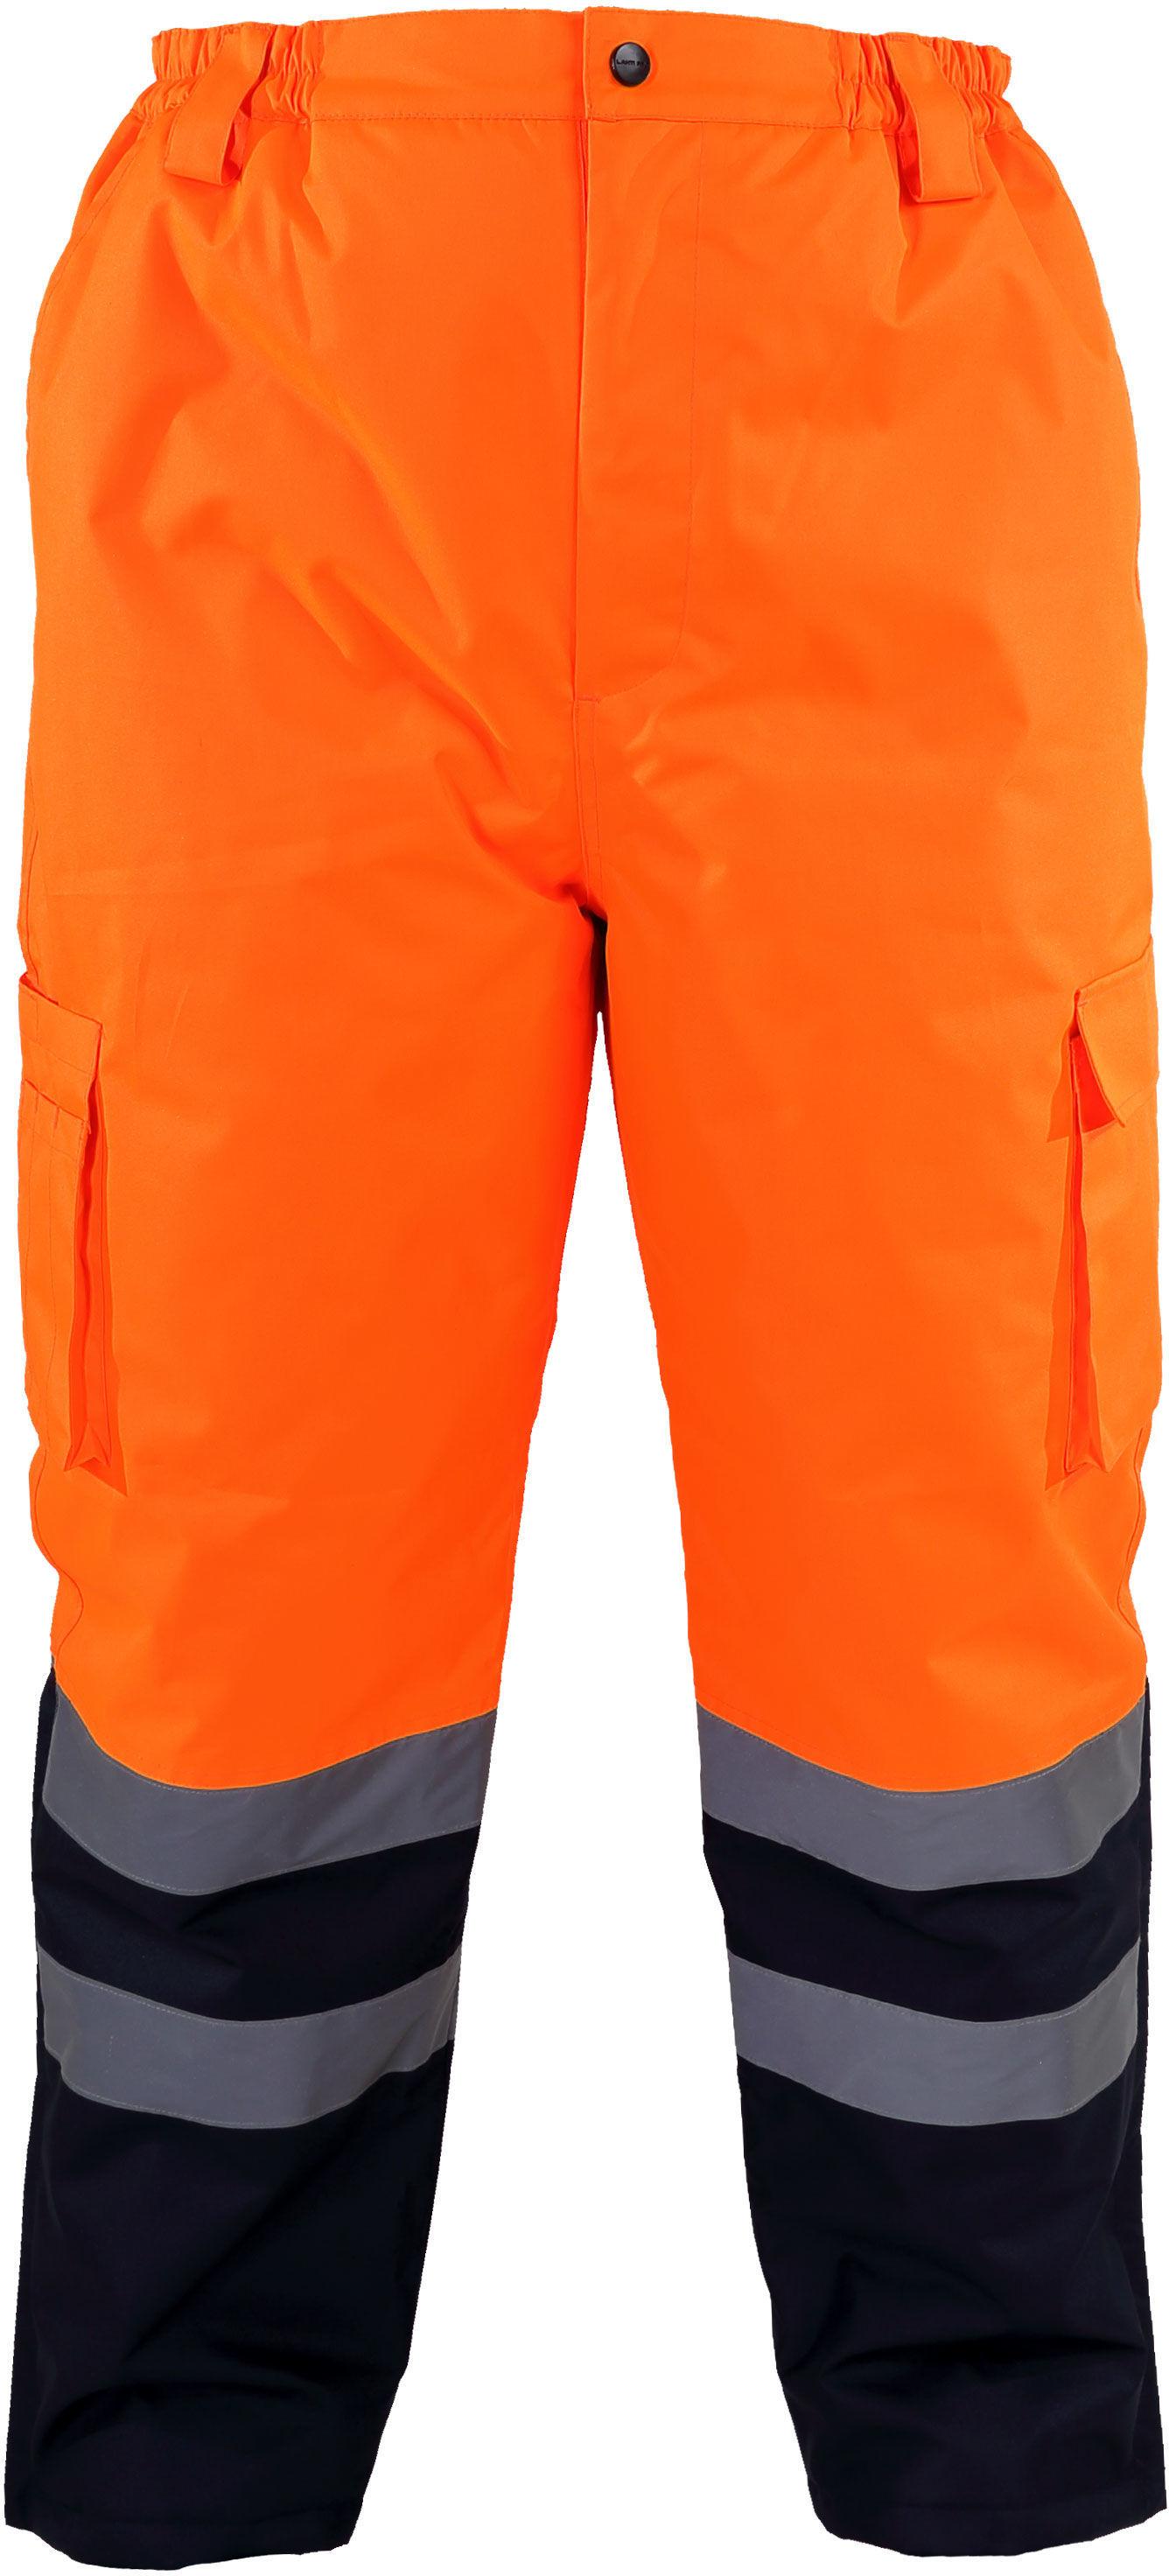 """Spodnie ostrzegawcze ociep., pomarańczowe, """"l"""", ce, lahti"""